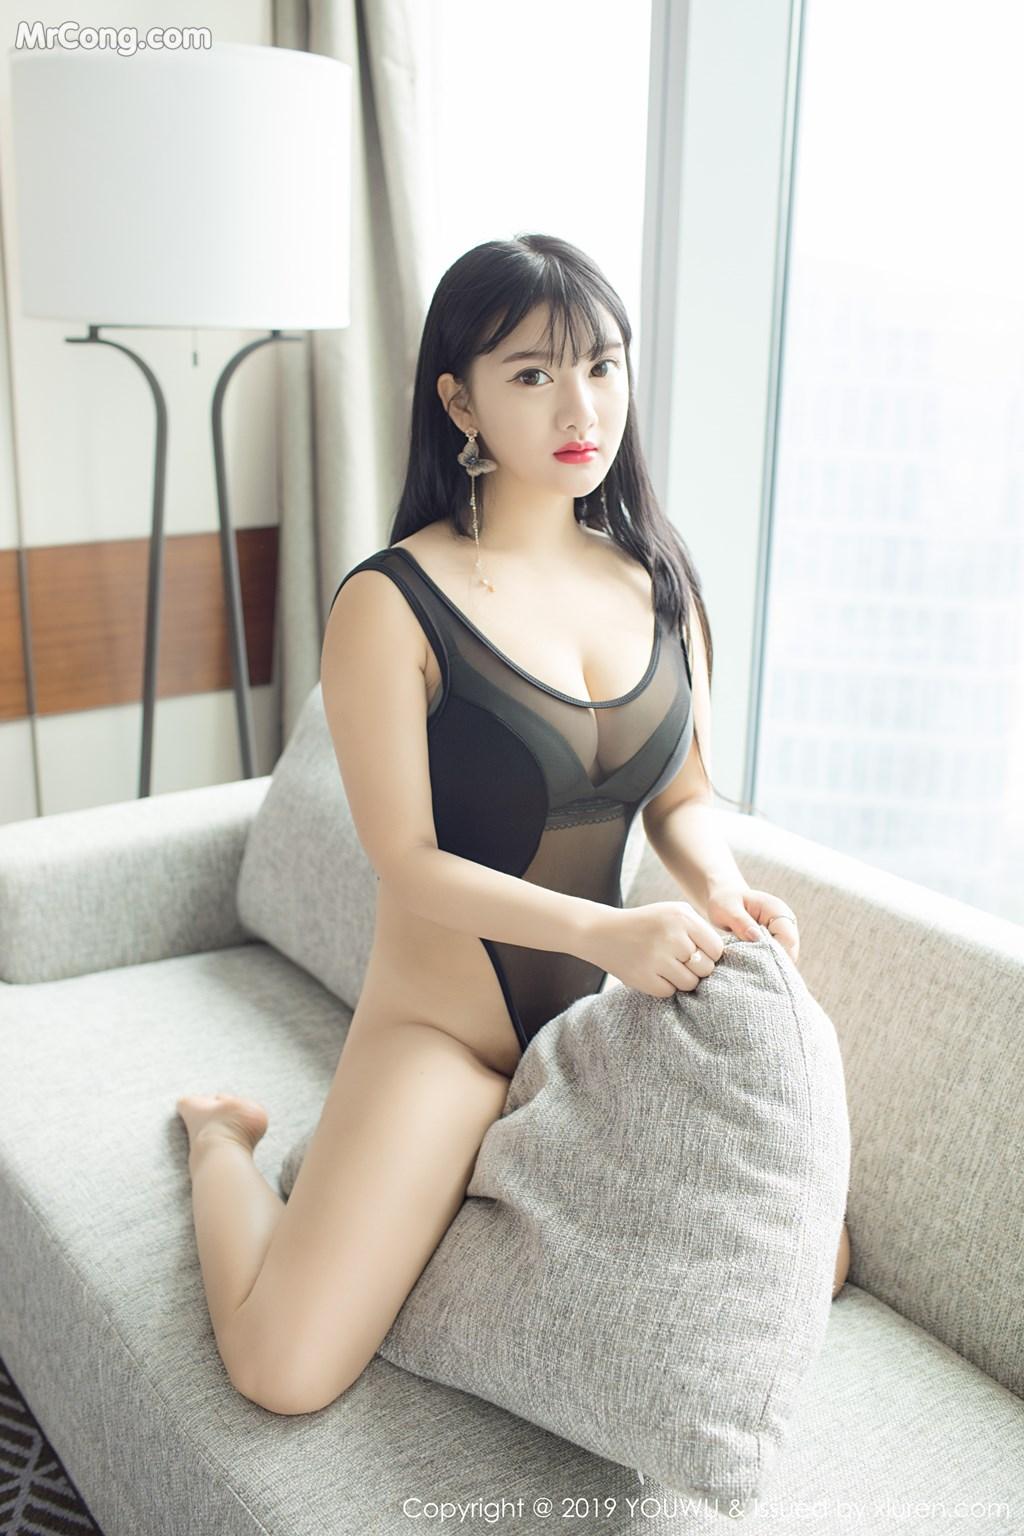 Image YouWu-Vol.138-Xiao-You-Nai-MrCong.com-005 in post YouWu Vol.138: Xiao You Nai (小尤奈) (60 ảnh)